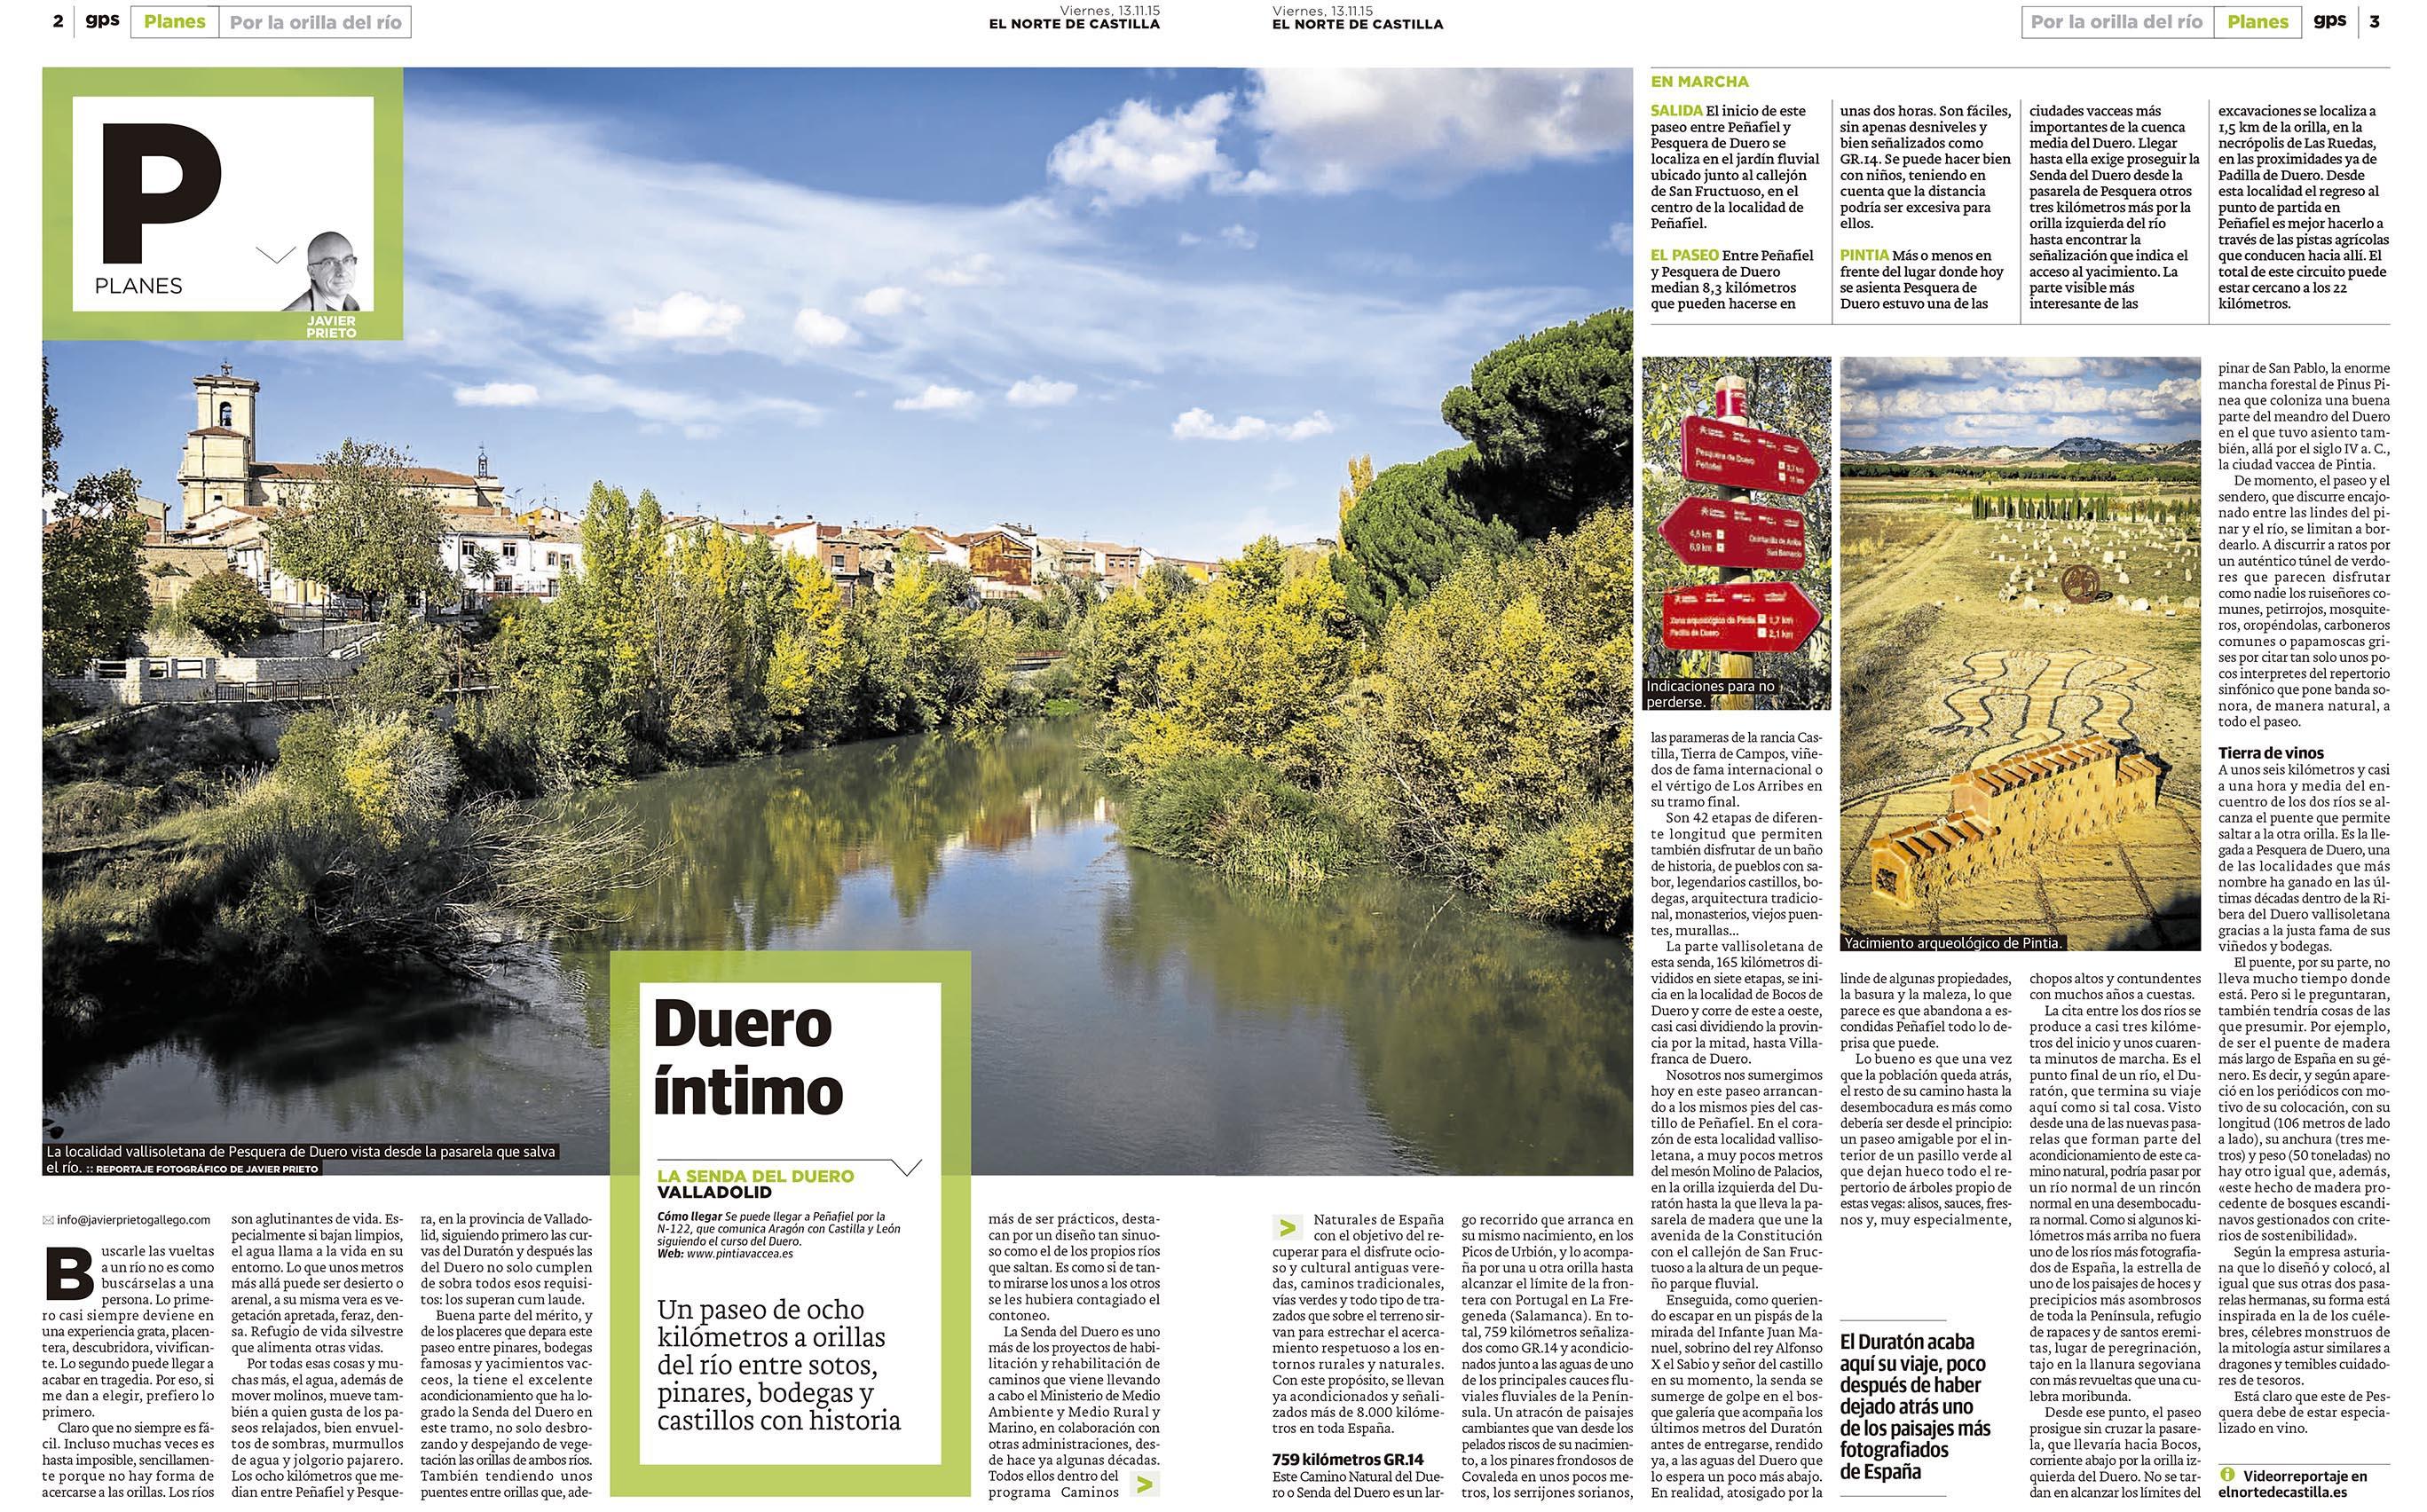 El GR14 entre Peñafiel y Pesquera de Duero. Reportaje publicado por Javier Prieto Gallego en el periódico EL NORTE DE CASTILLA.